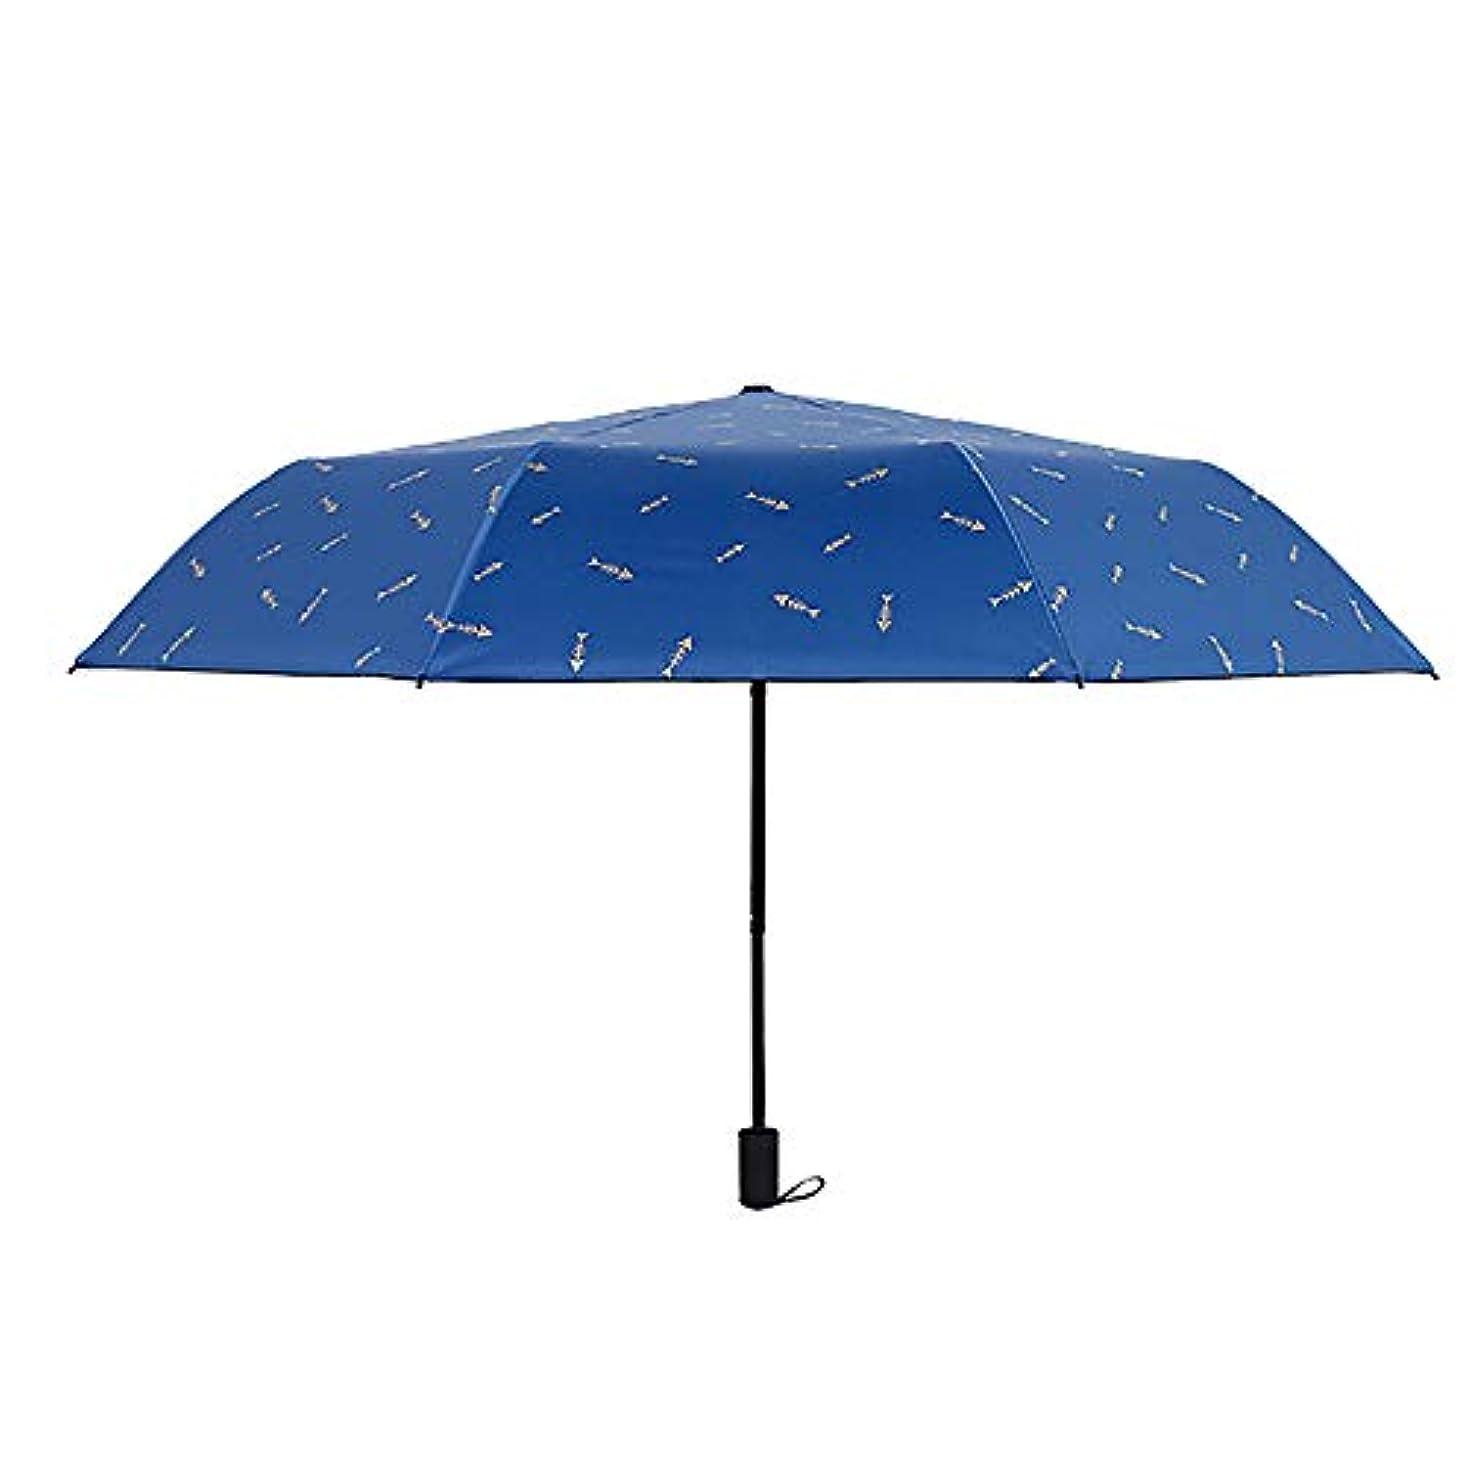 カート方法特徴づける雨と雨の二重使用の折り畳み傘ビジネスUV保護傘クリエイティブ魚骨の傘のカスタマイズ